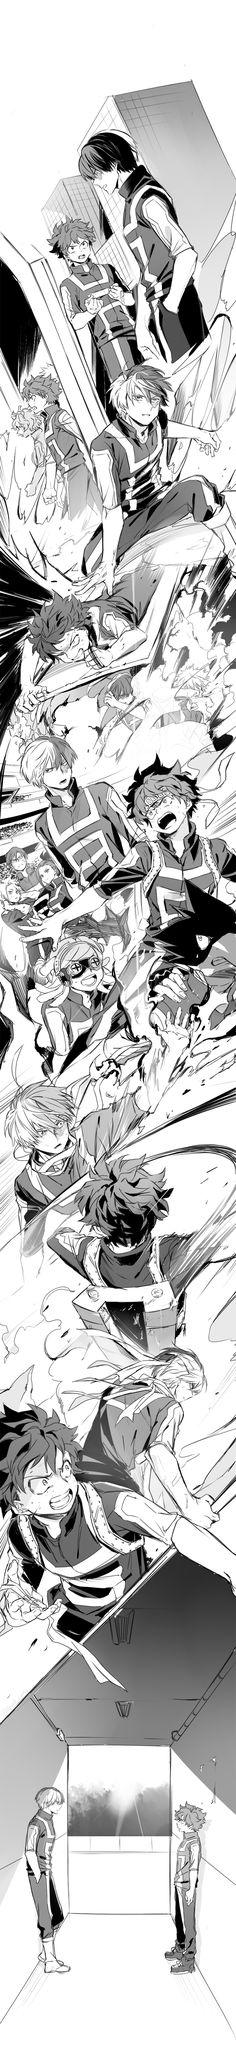 Boku no Hero Academia || Ashido Mina, Midoriya Izuku, Todoroki Shouto, Katsuki Bakugou, Kaminari Denki, Tenya Iida, Momo Yaoyorozu, Hatsume Mei, Fumikage Tokoyami.